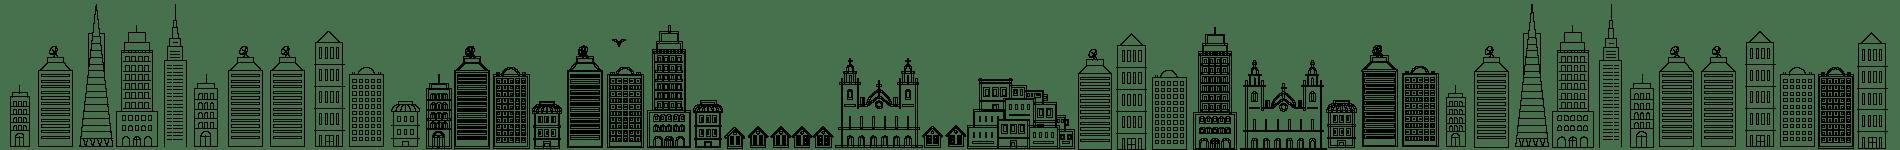 ciudad-fondo-menu-plantas-y-generadores-de-luz-mexico-png2